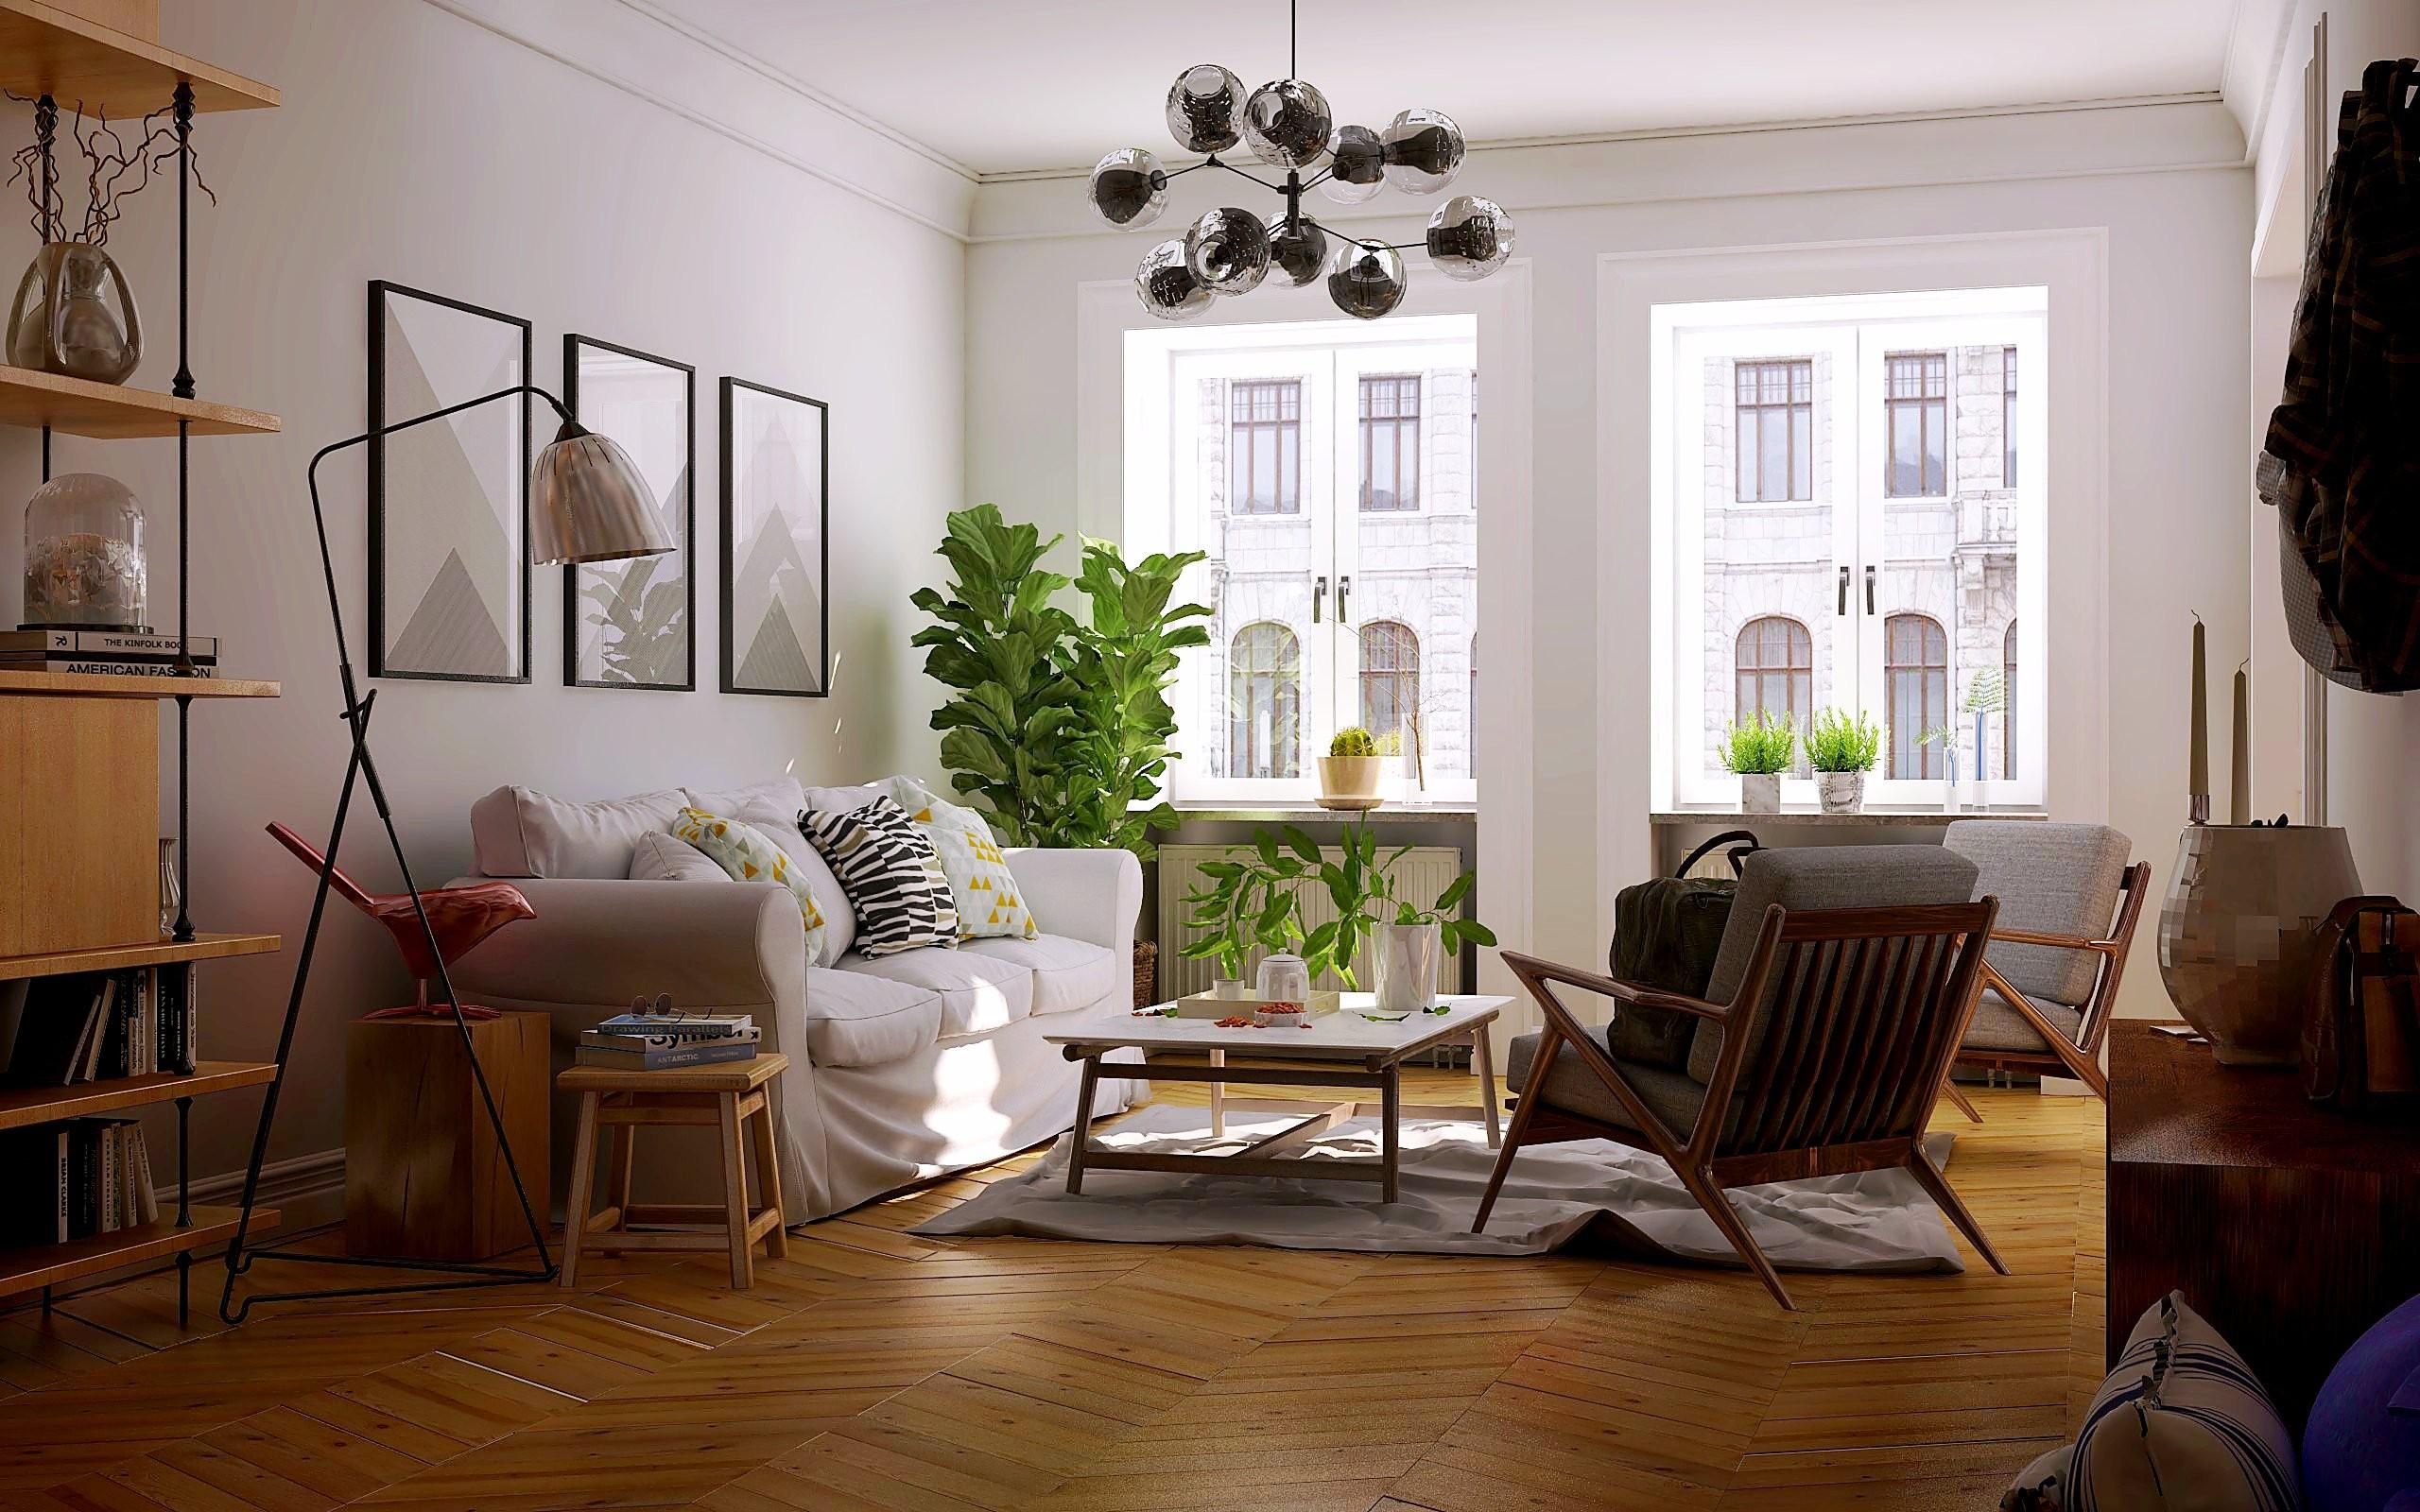 Apartment-Podium-PIE.jpg